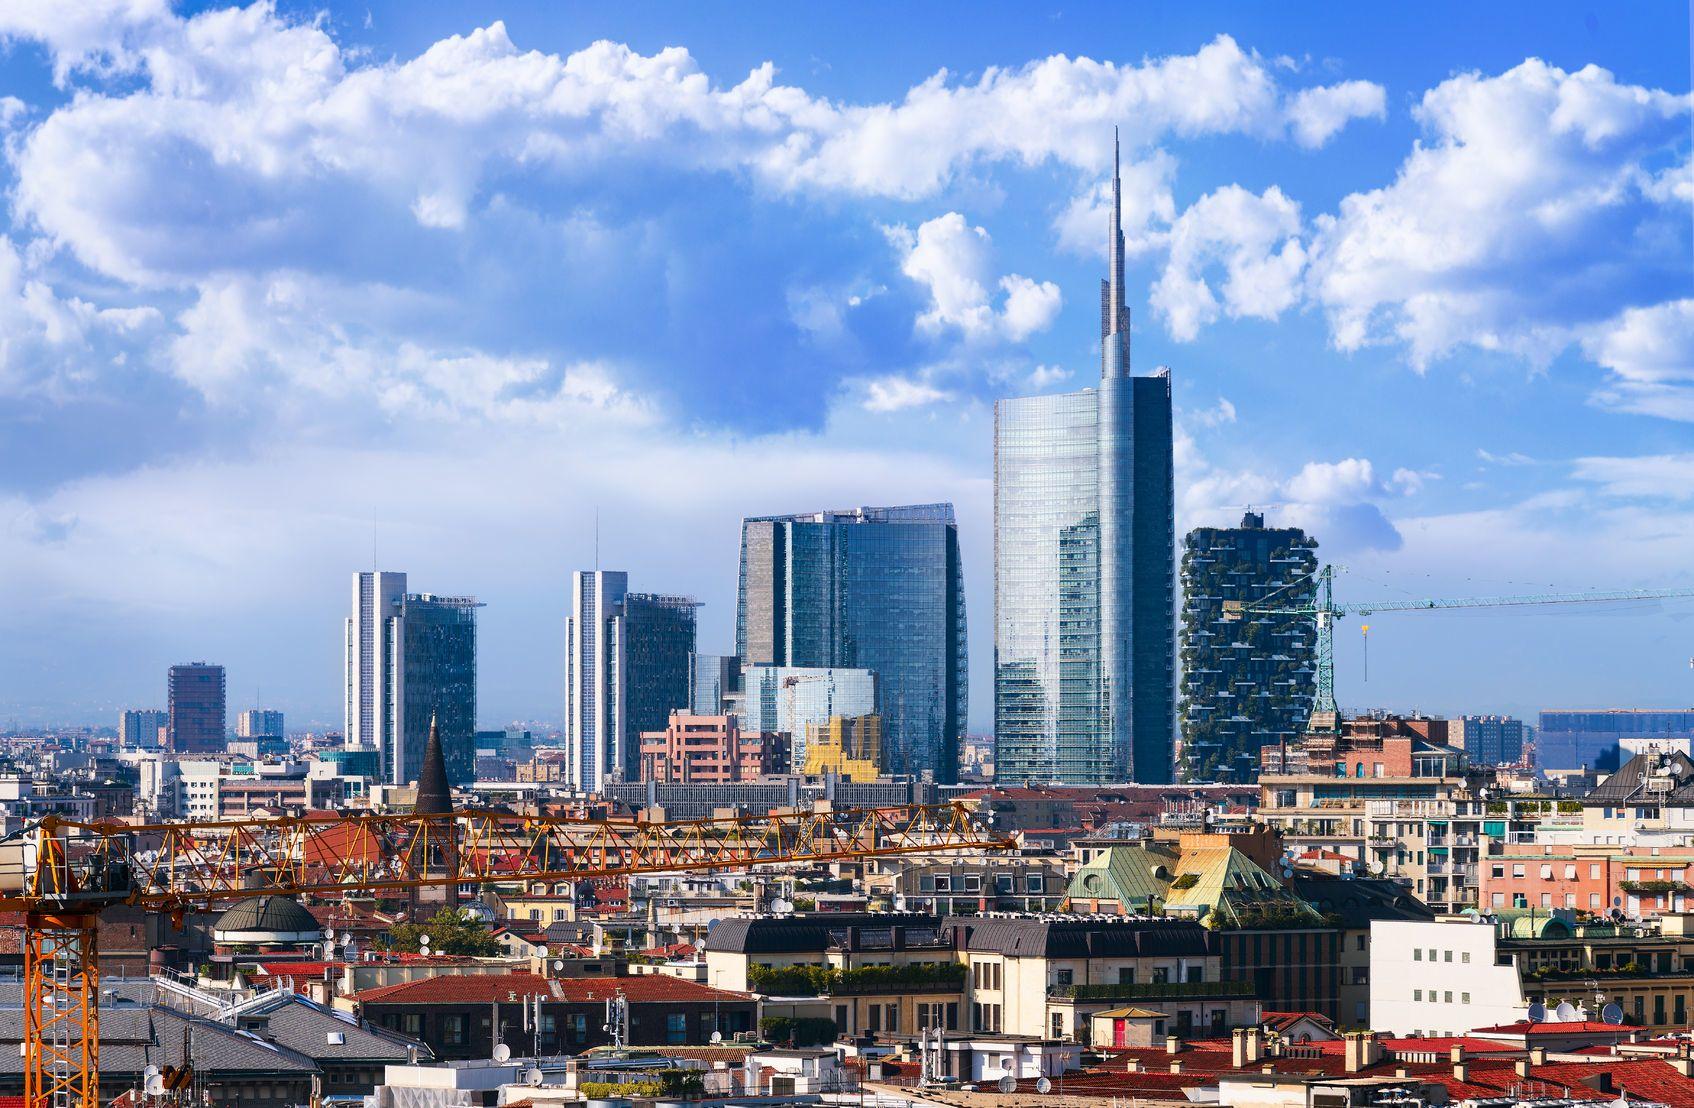 Výhled na město Milán   ventdusud/123RF.com